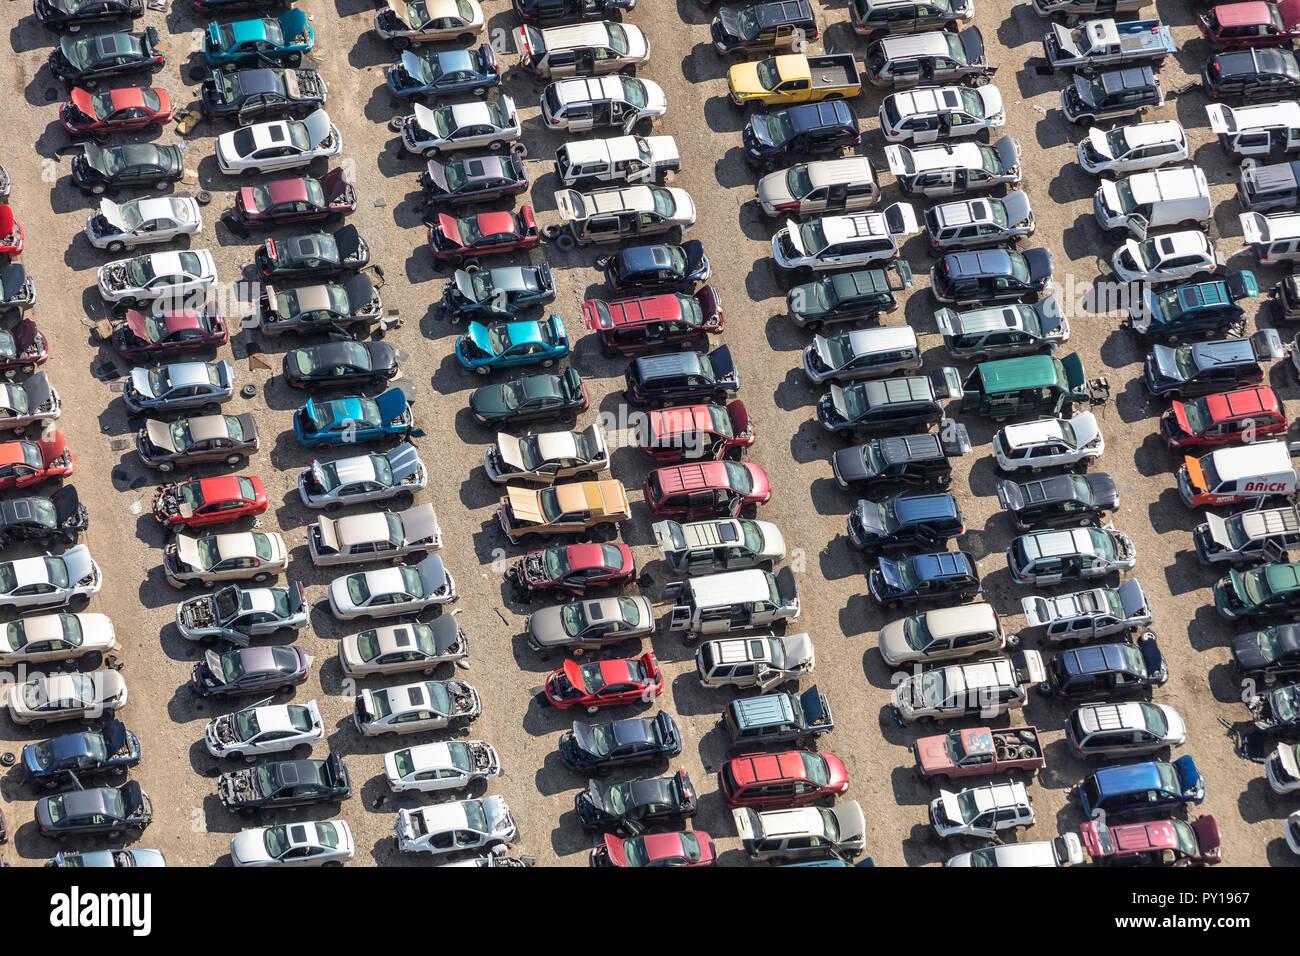 Vista aérea de automóviles en auto parts recicladores Imagen De Stock